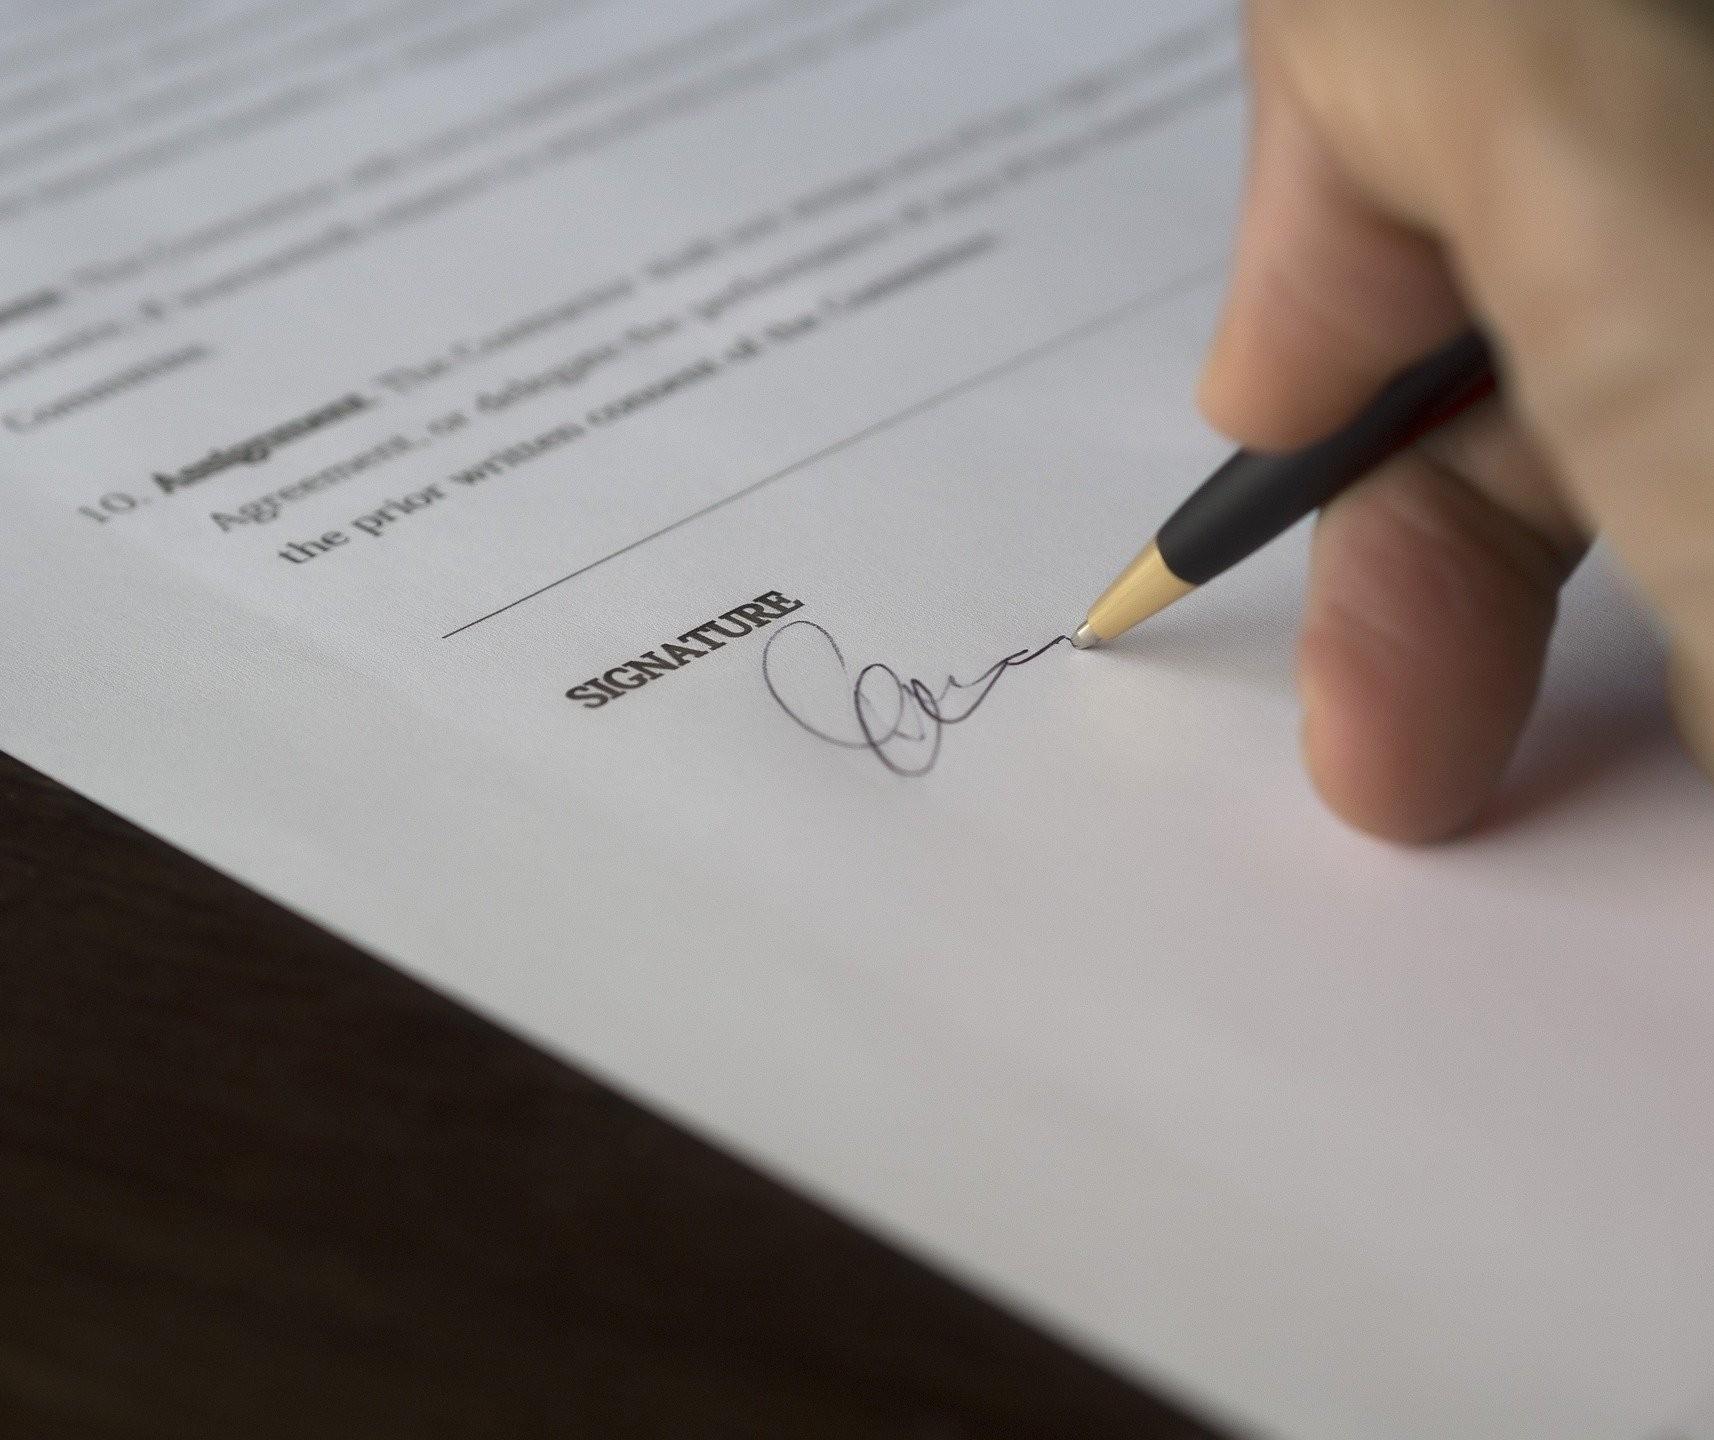 Cartórios podem fazer assinatura digital em escrituras públicas